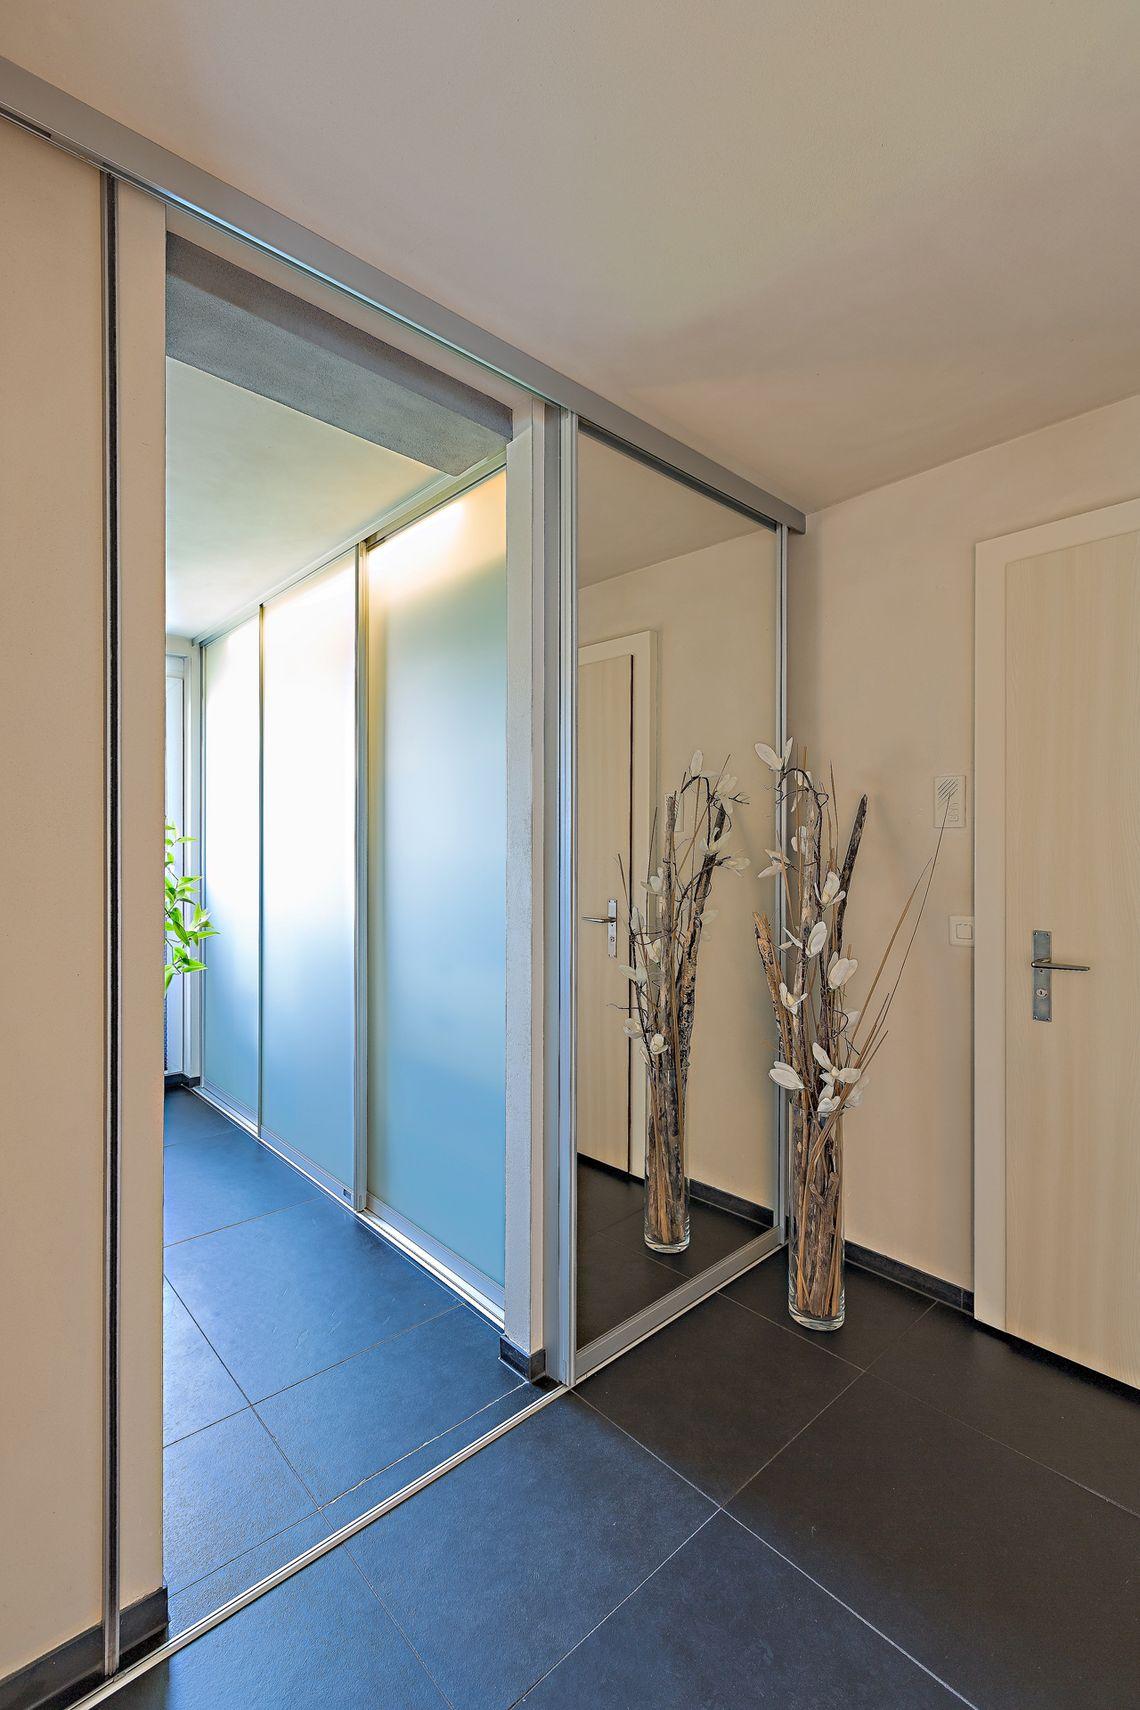 Schiebetüre in grossflächigem Spiegel als Eingang ins Bad ...